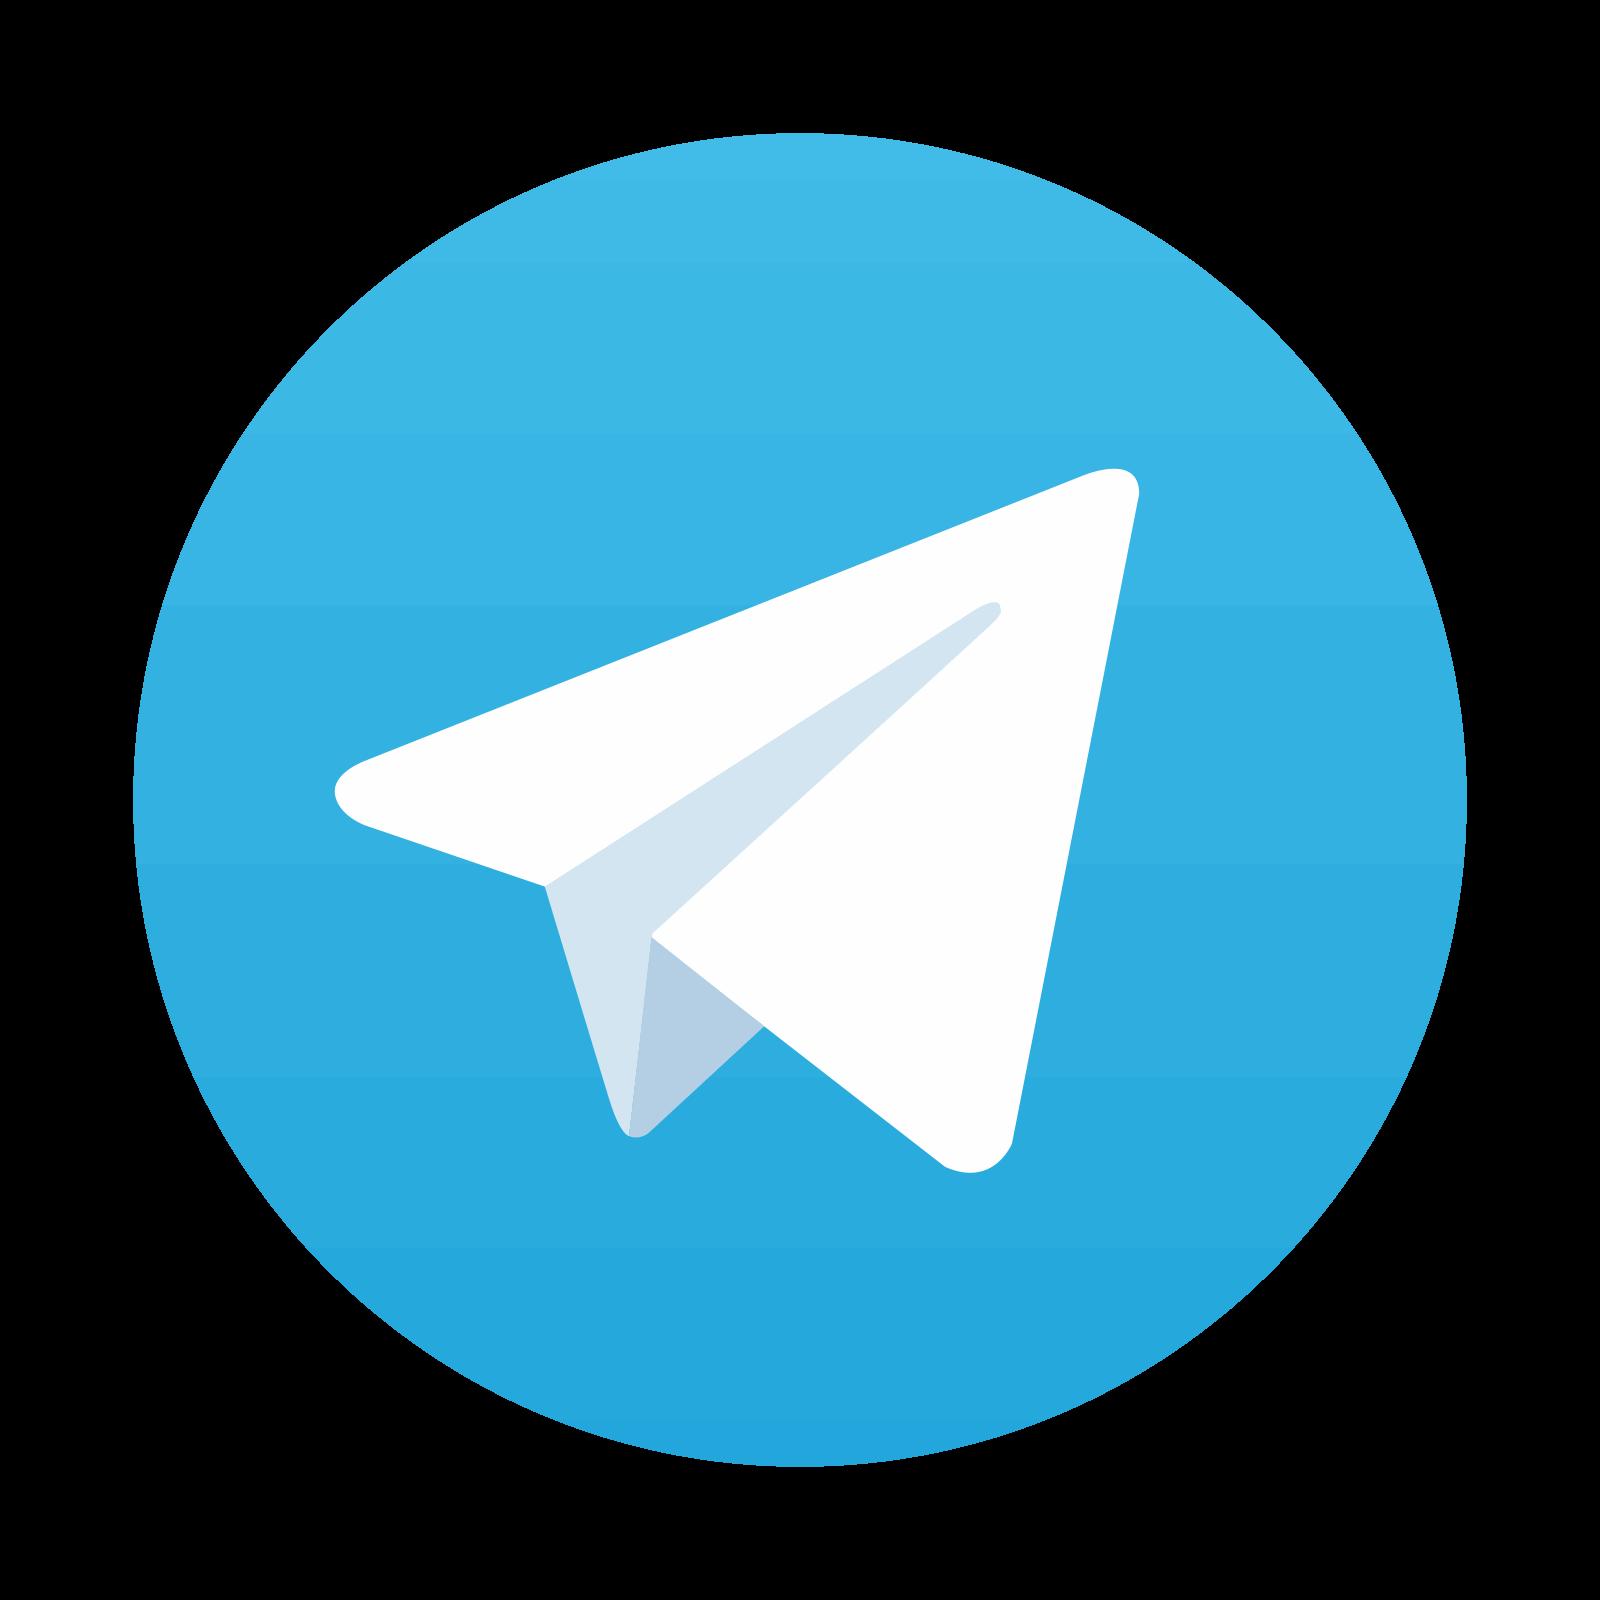 телеграм_лого